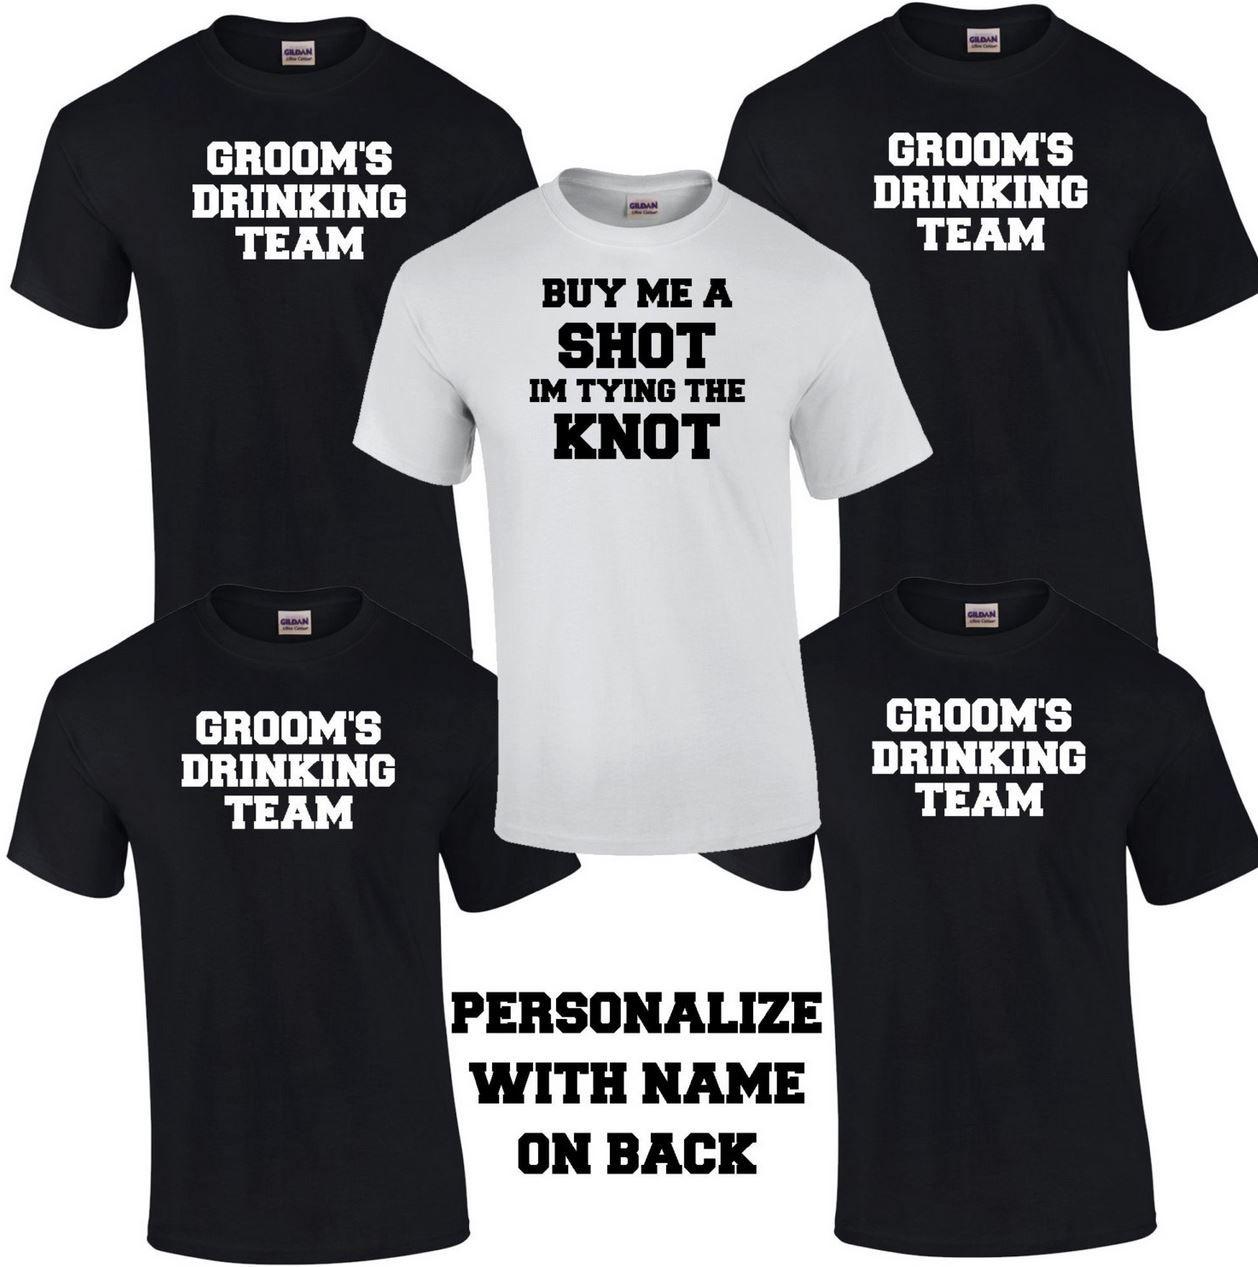 Wedding T Shirt Ideas: Wedding Ideas